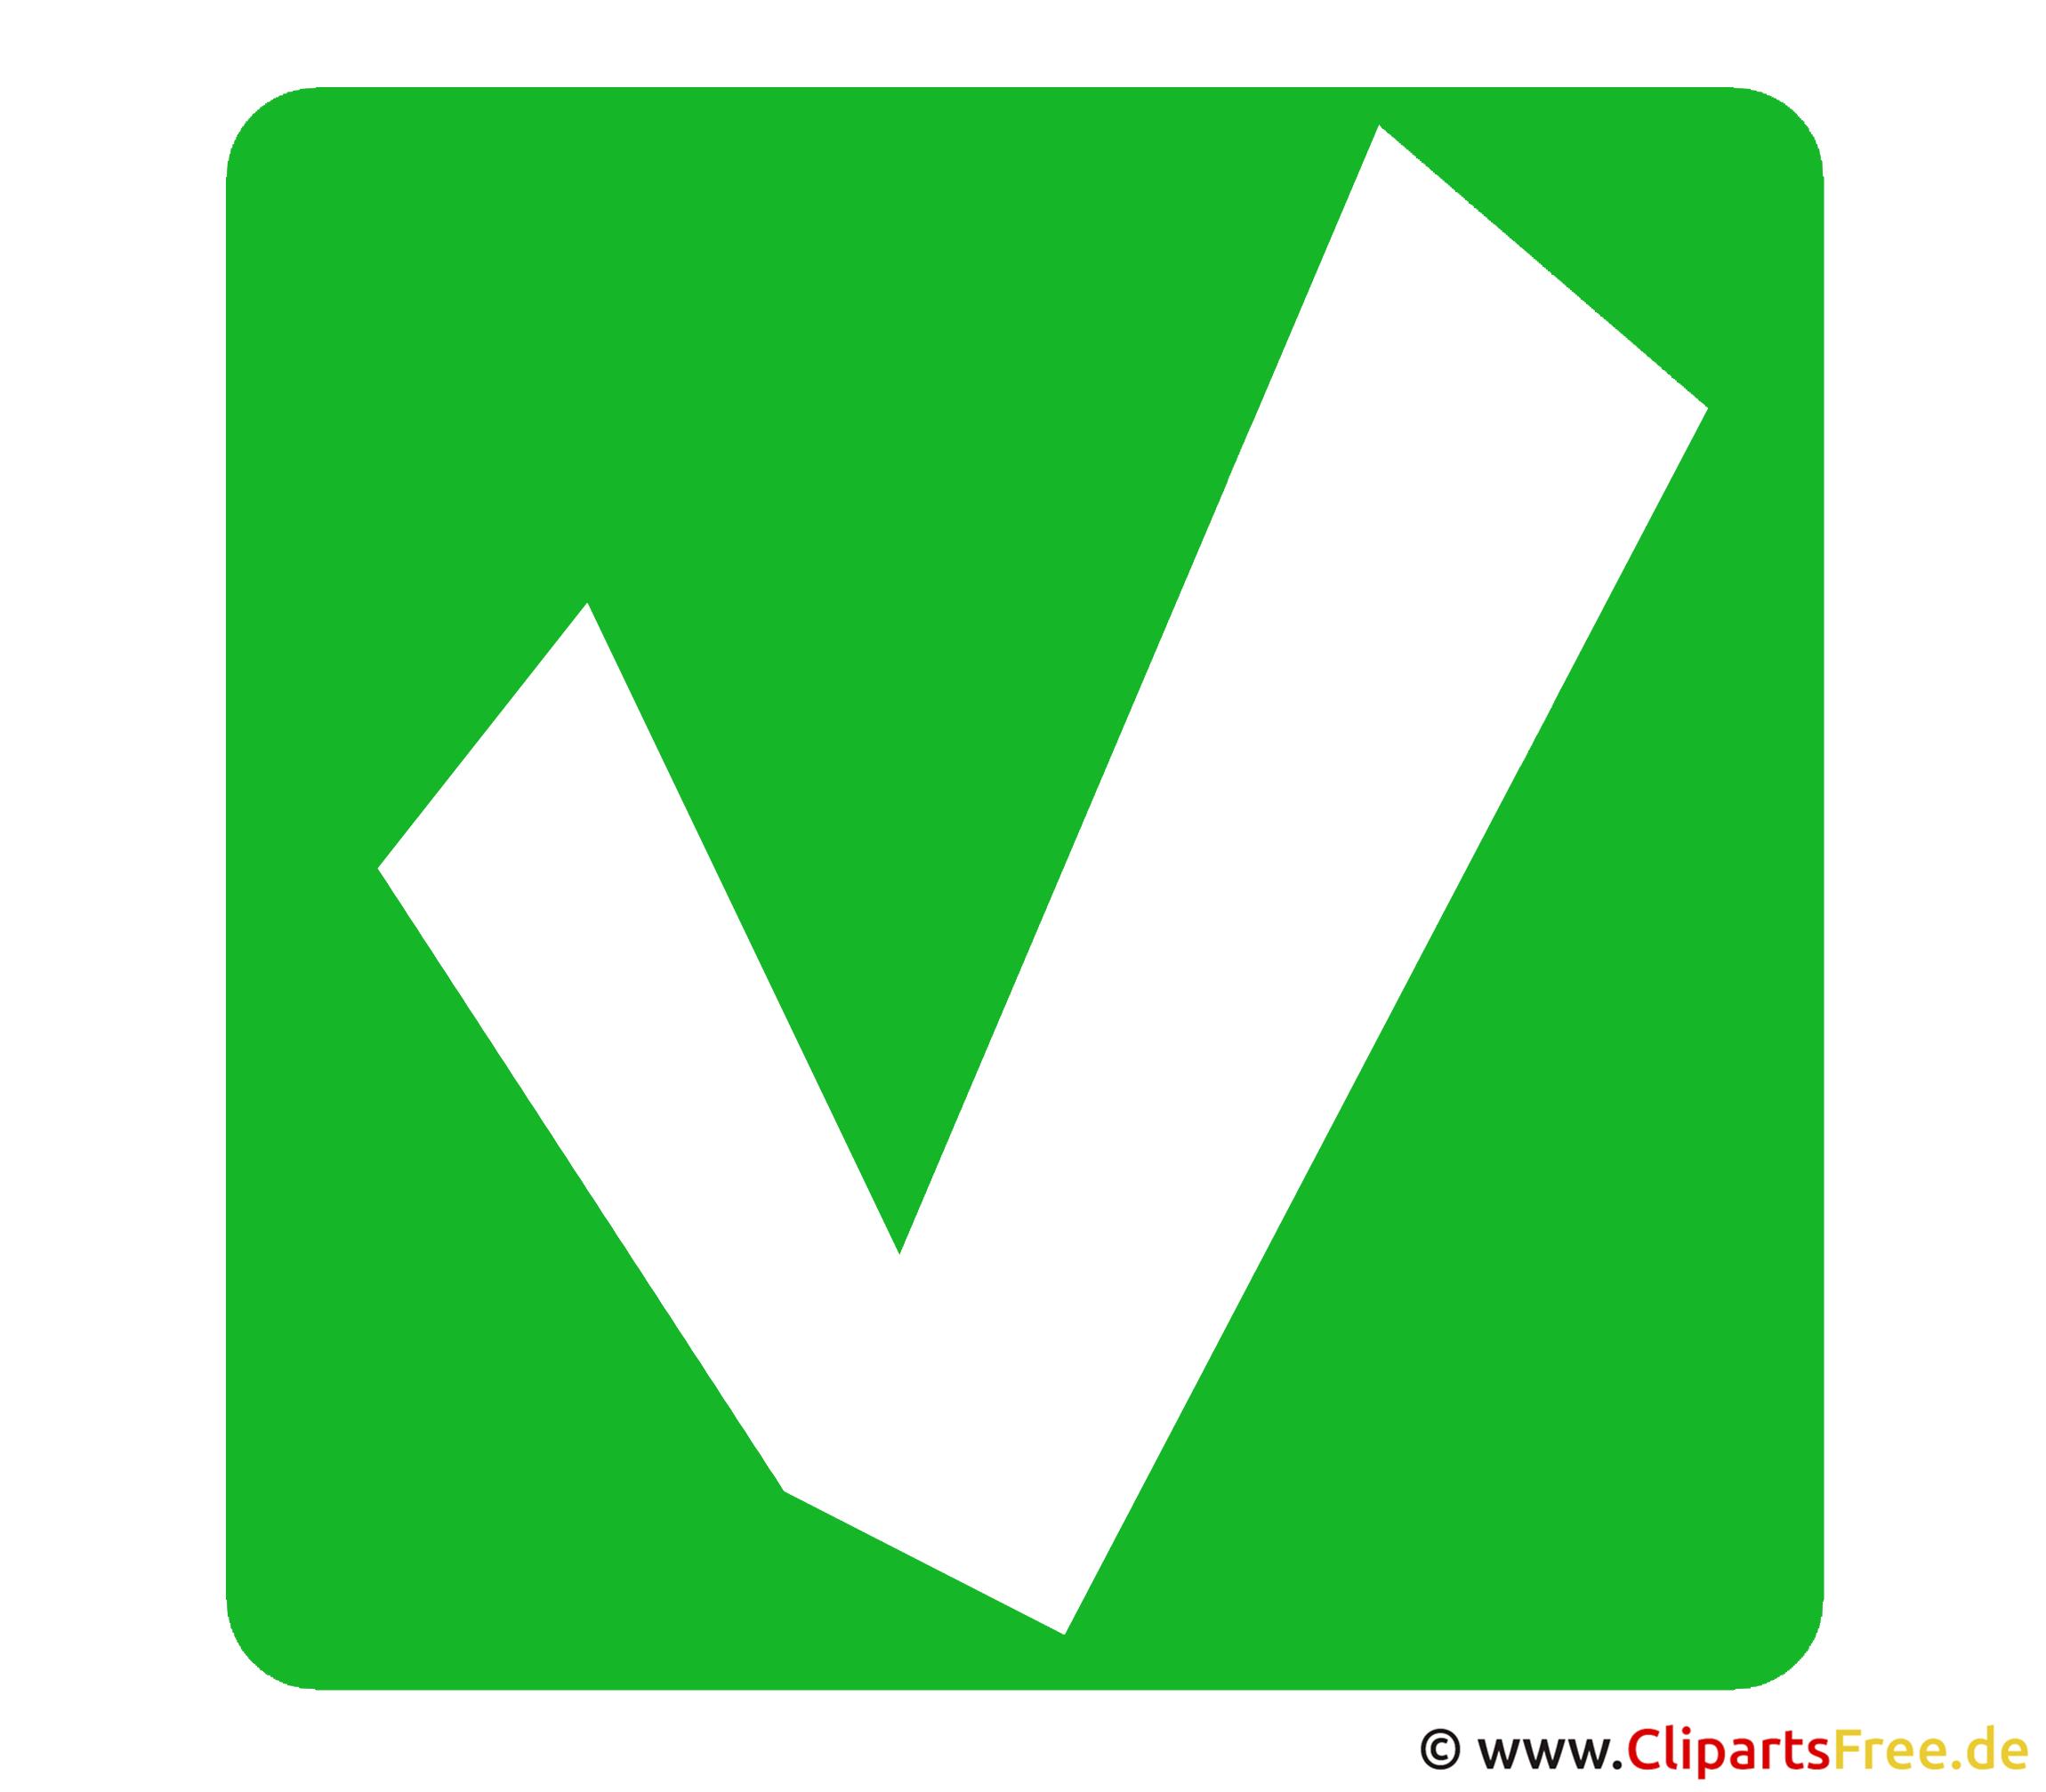 Erledigt haken for Clipart gratis download